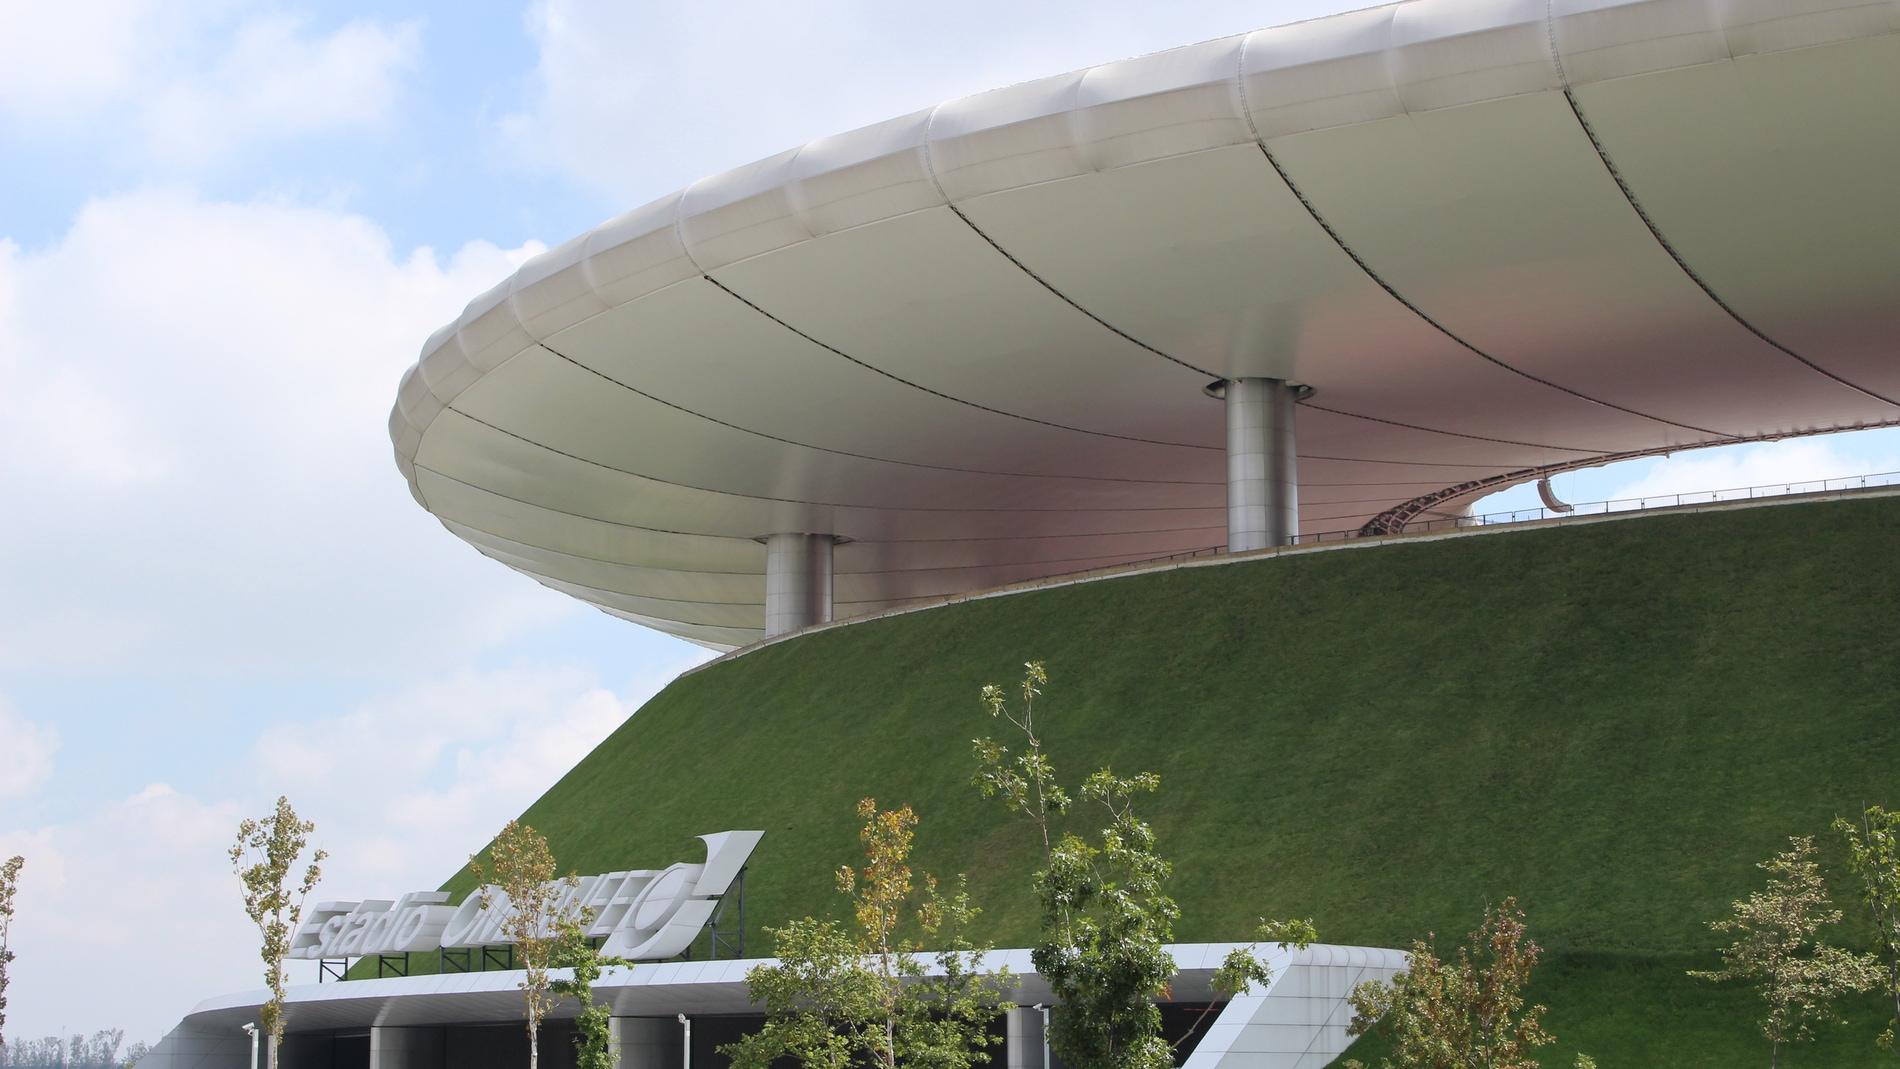 Cubierta ecológica del Estadio Omnilife